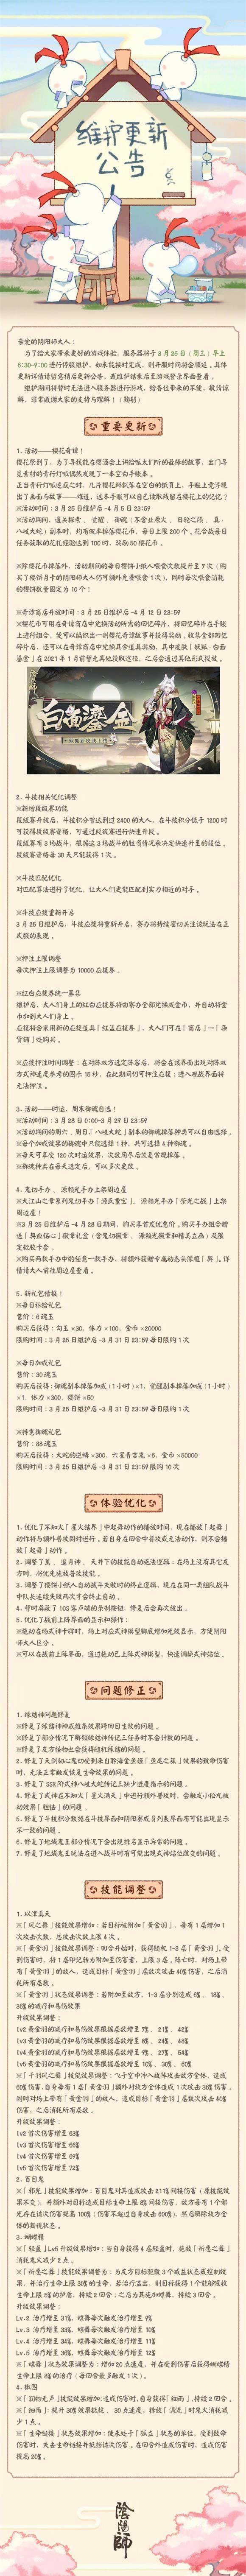 阴阳师3月25日正式服更新内容一览